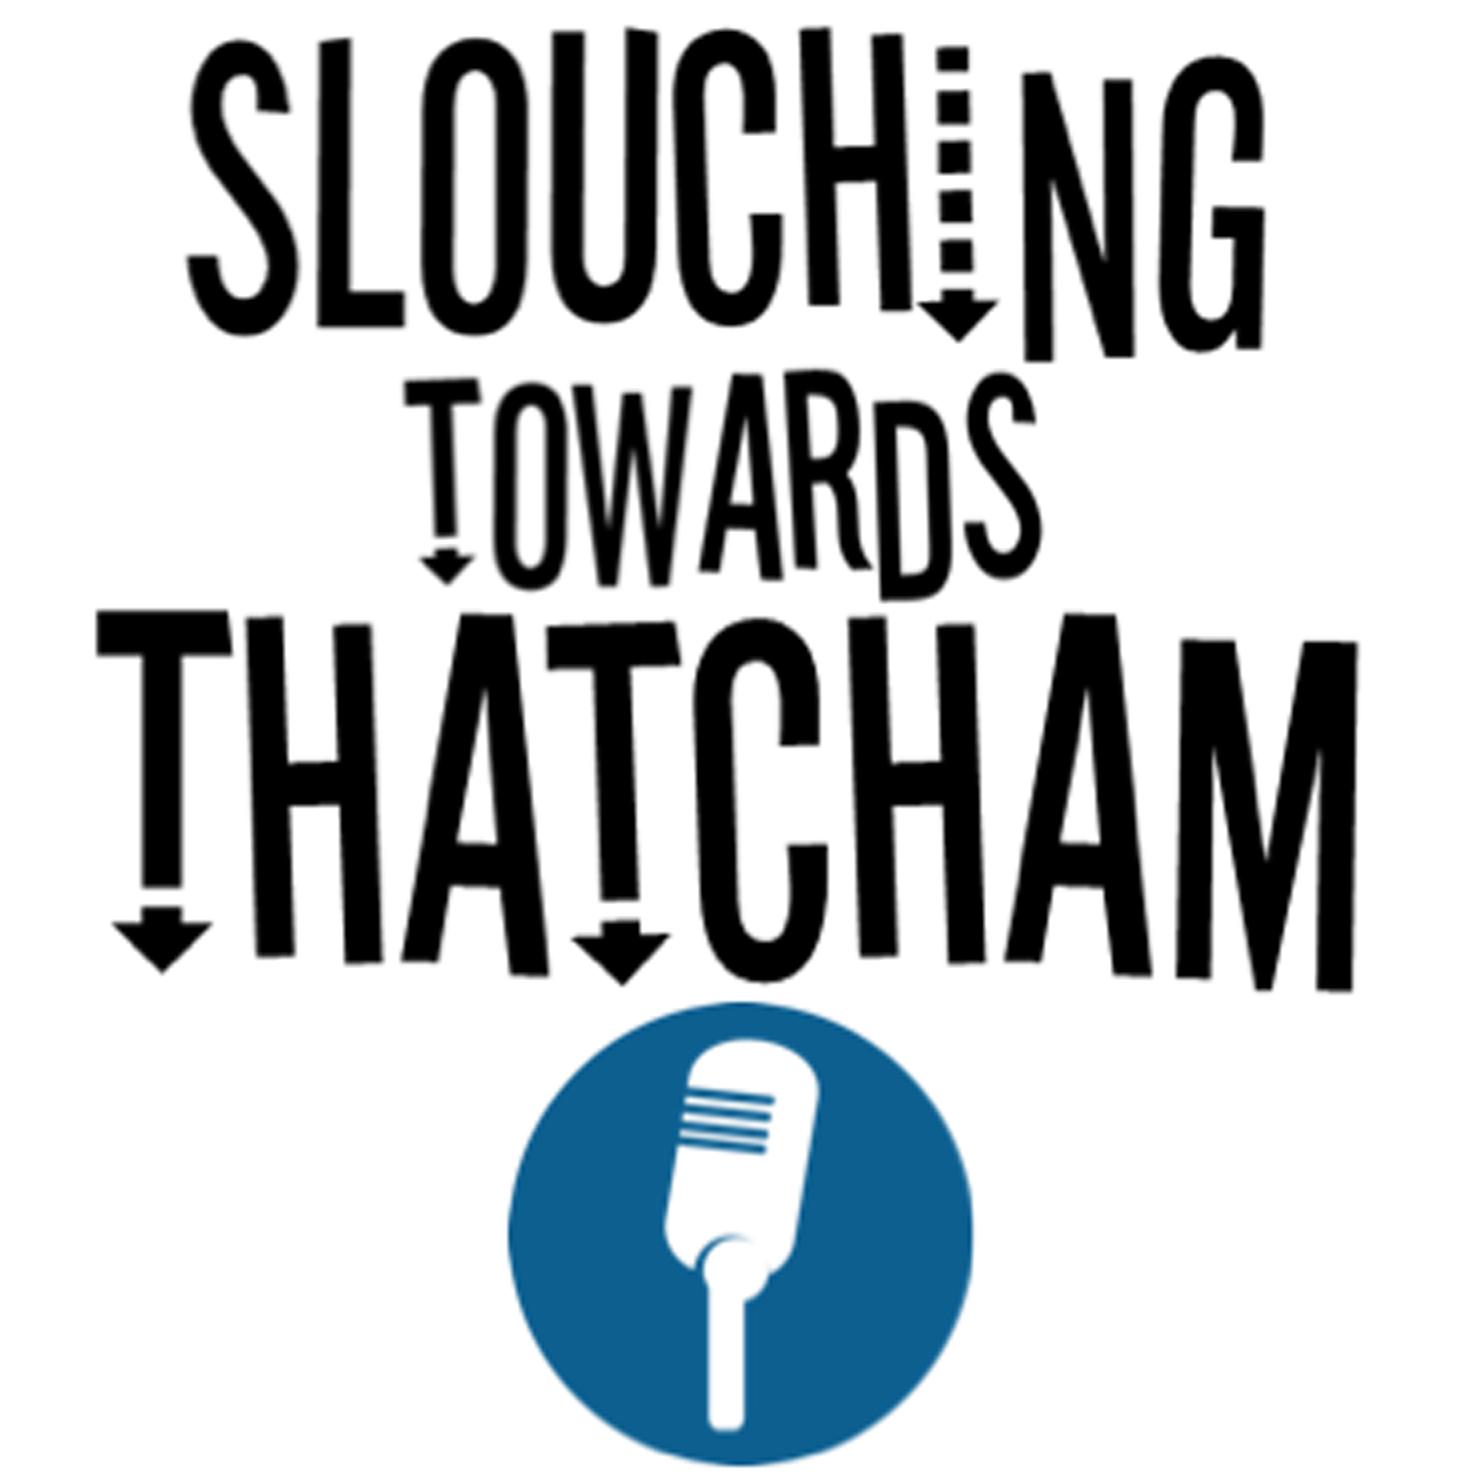 Slouching towards Thatcham